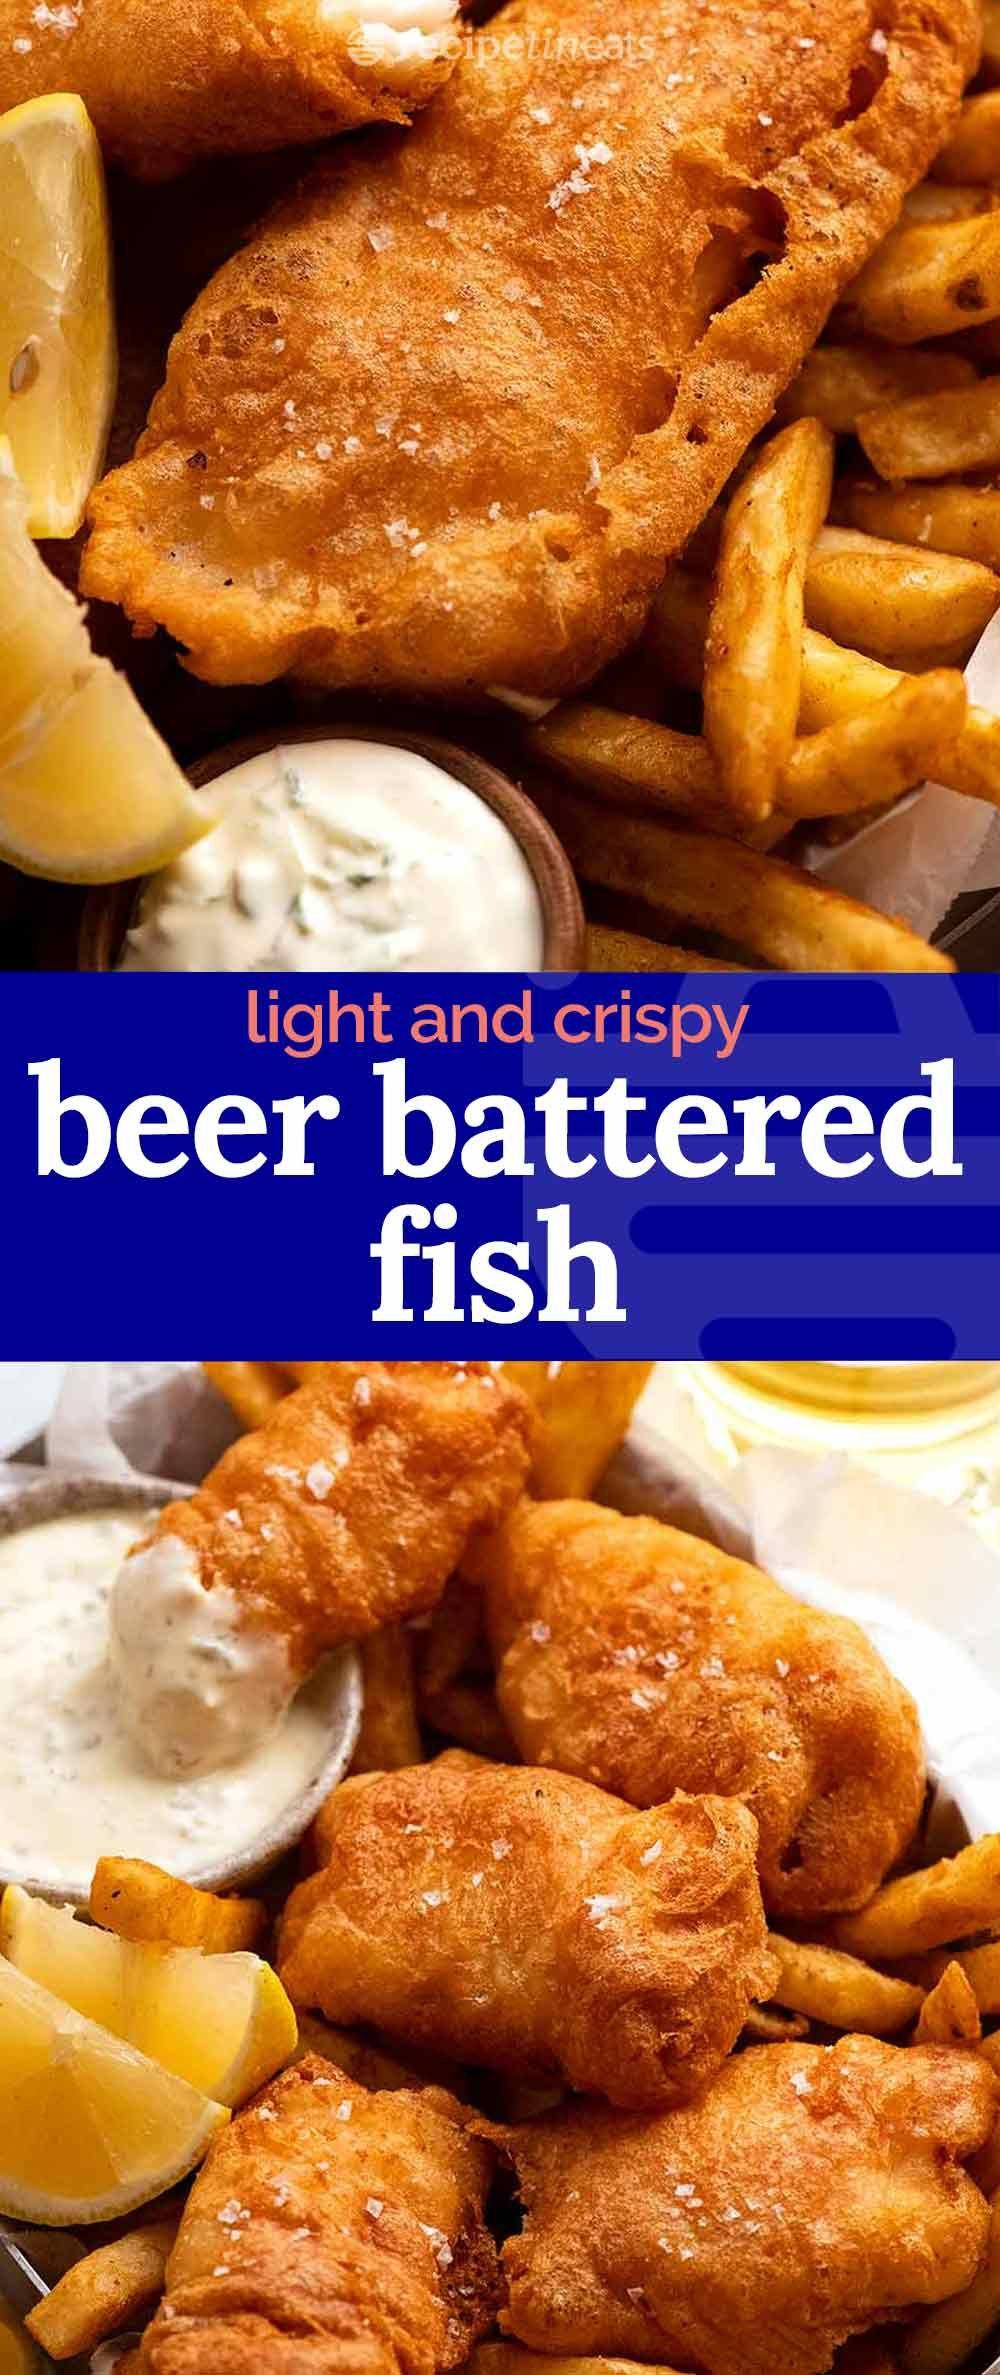 Crispy Beer Battered Fish Recipe In 2021 Battered Fish Beer Battered Fish Fish Batter Recipe